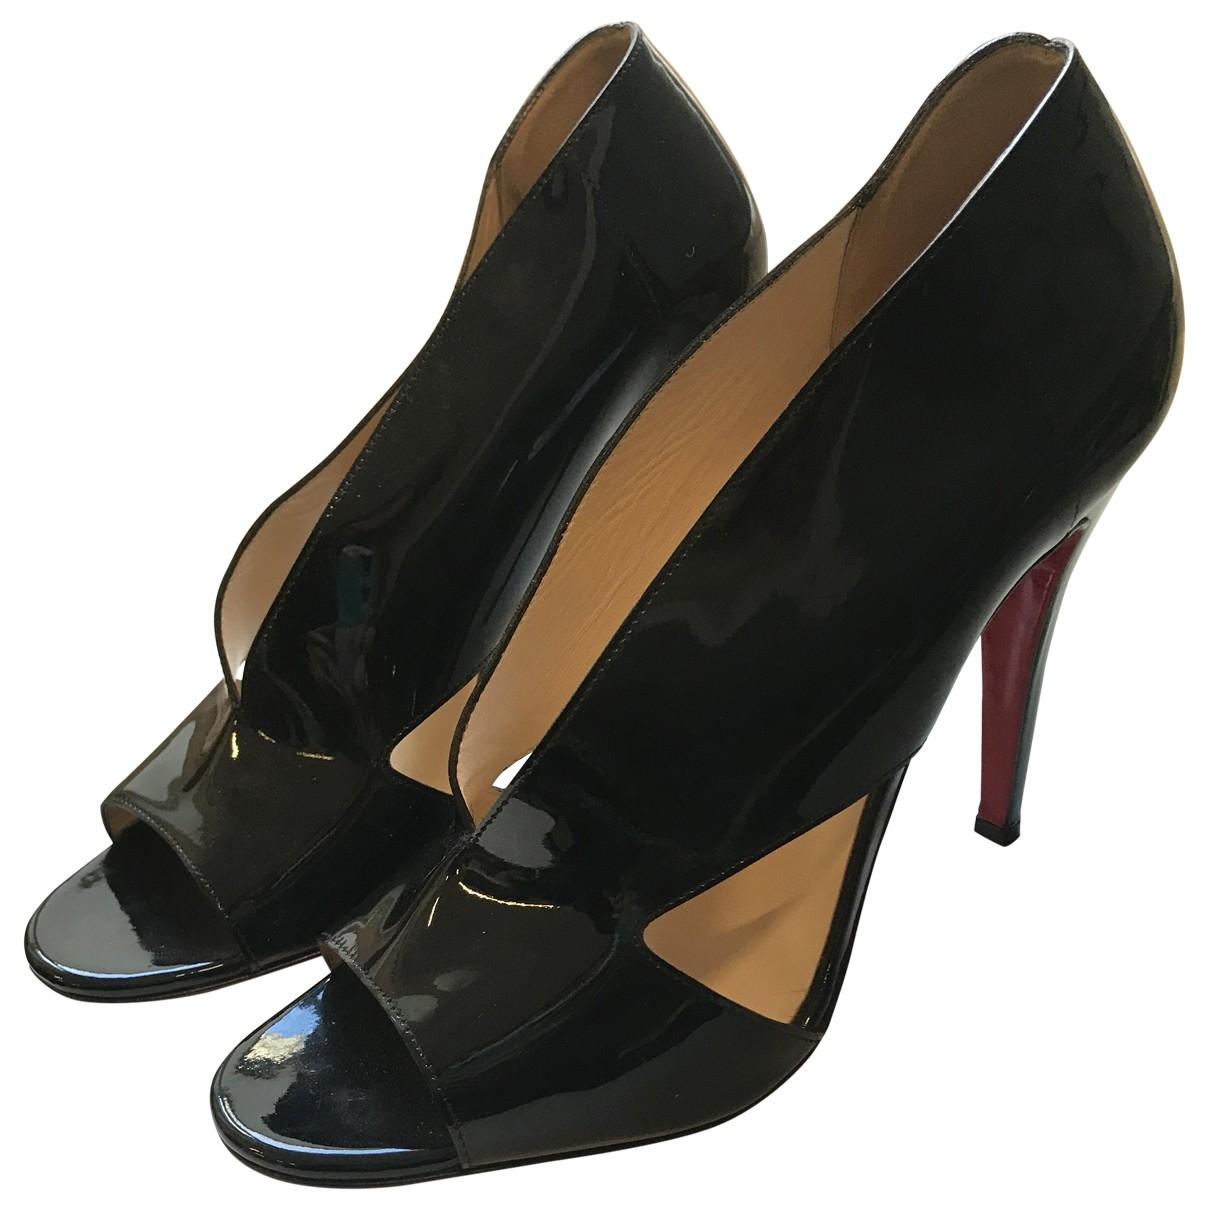 Christian Louboutin - Sandales   pour femme en cuir verni - noir